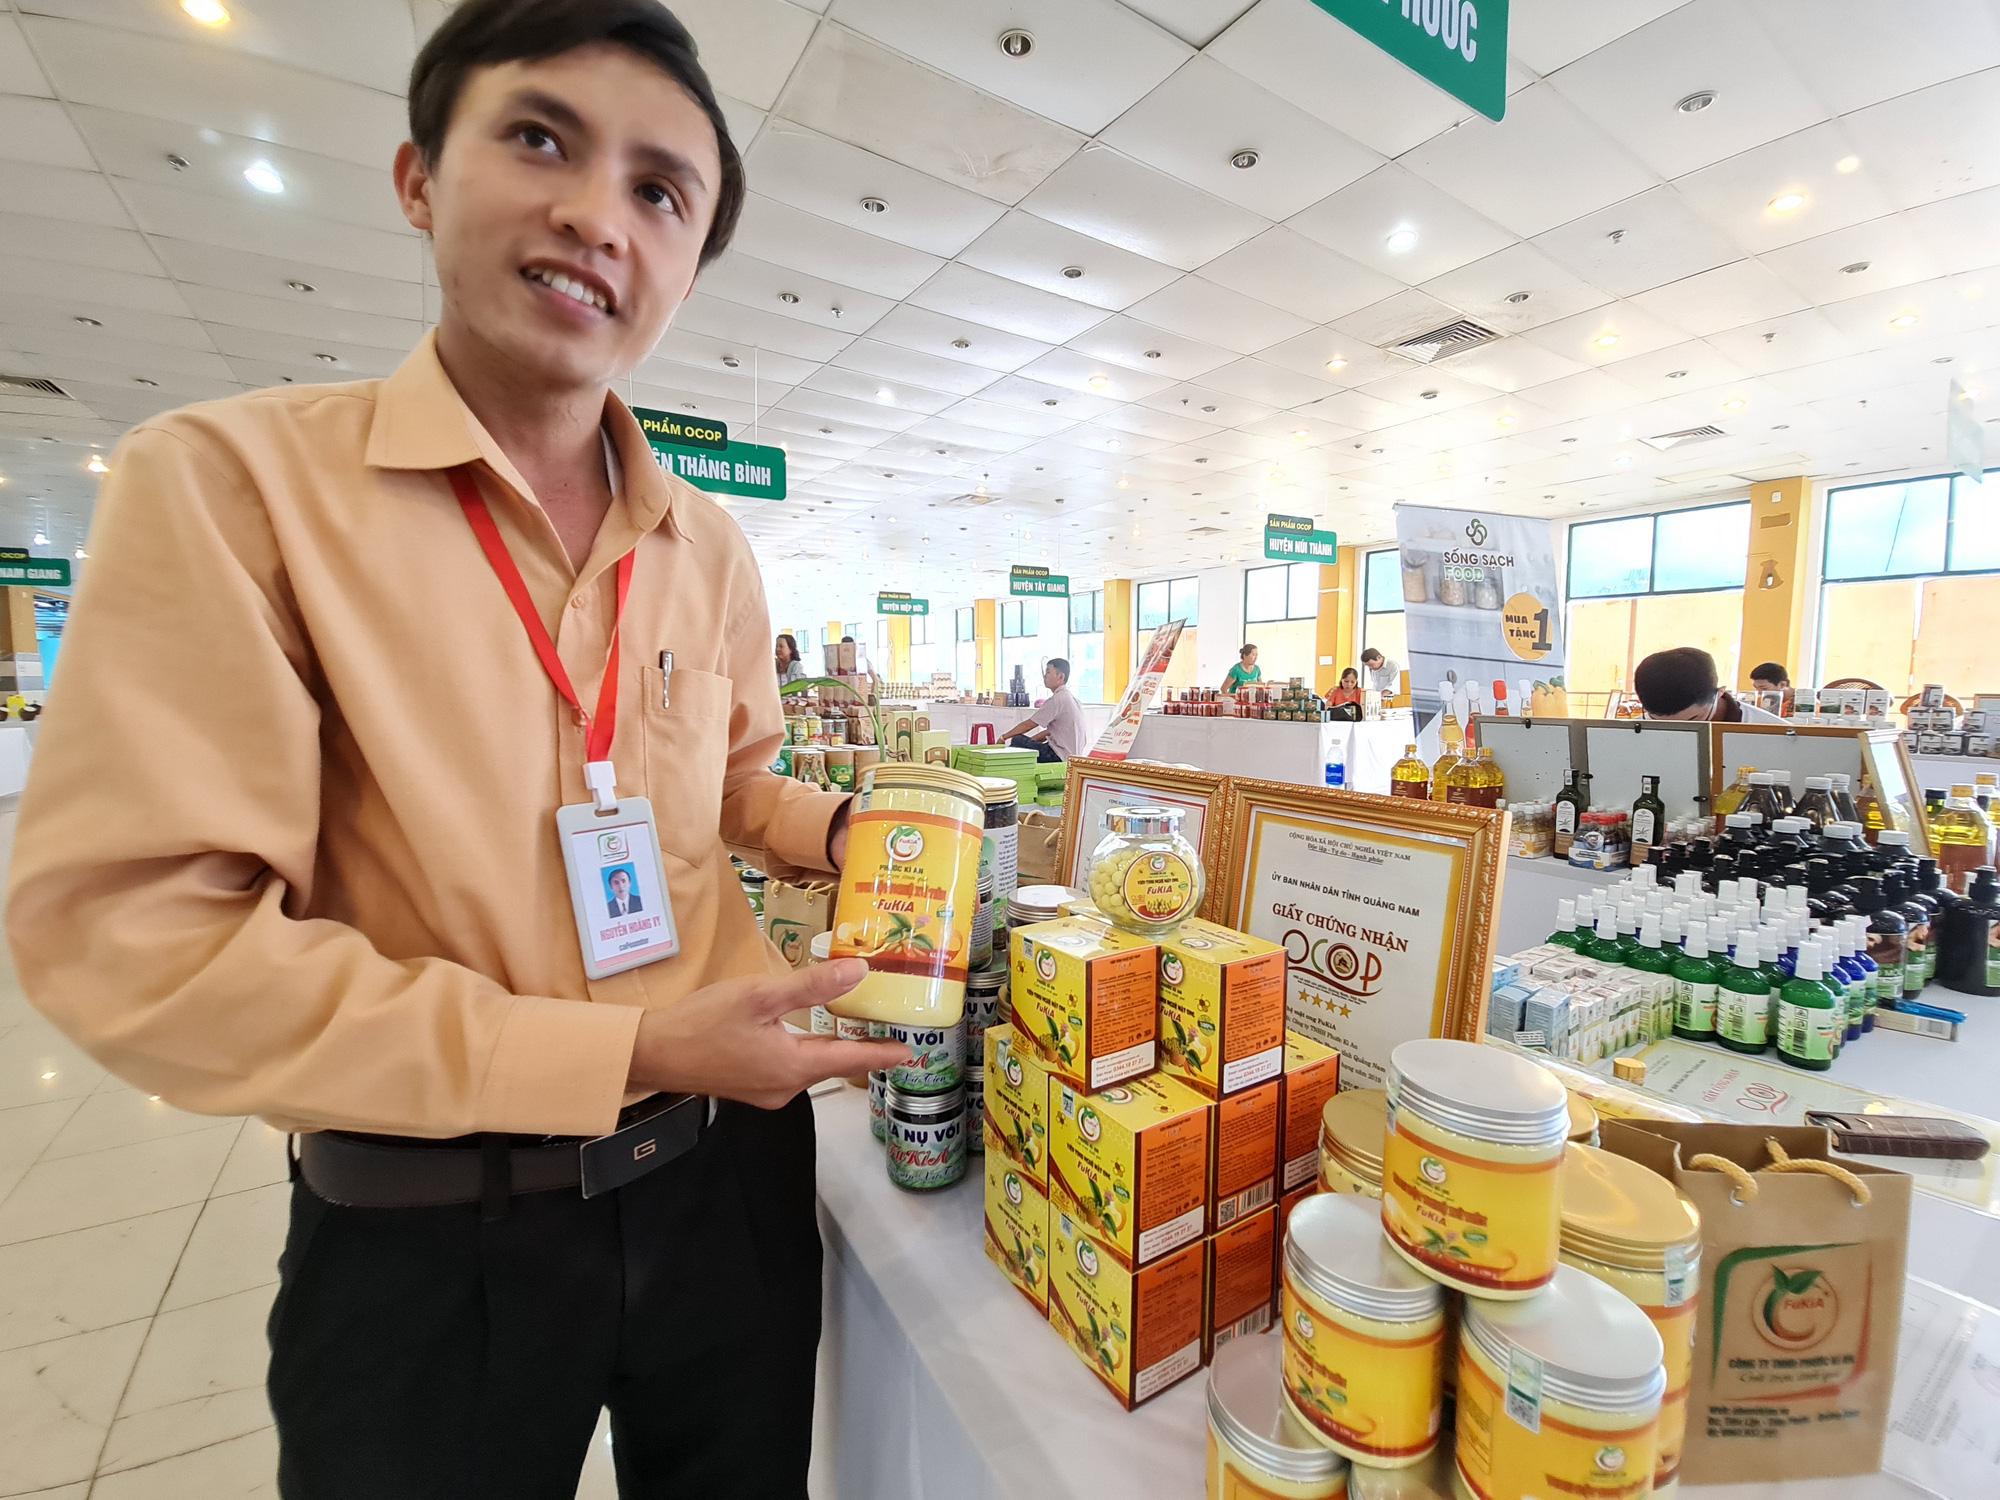 Ngày hội khởi nghiệp: Quảng Nam - Vùng đất mở cho khởi nghiệp sáng tạo   - Ảnh 3.